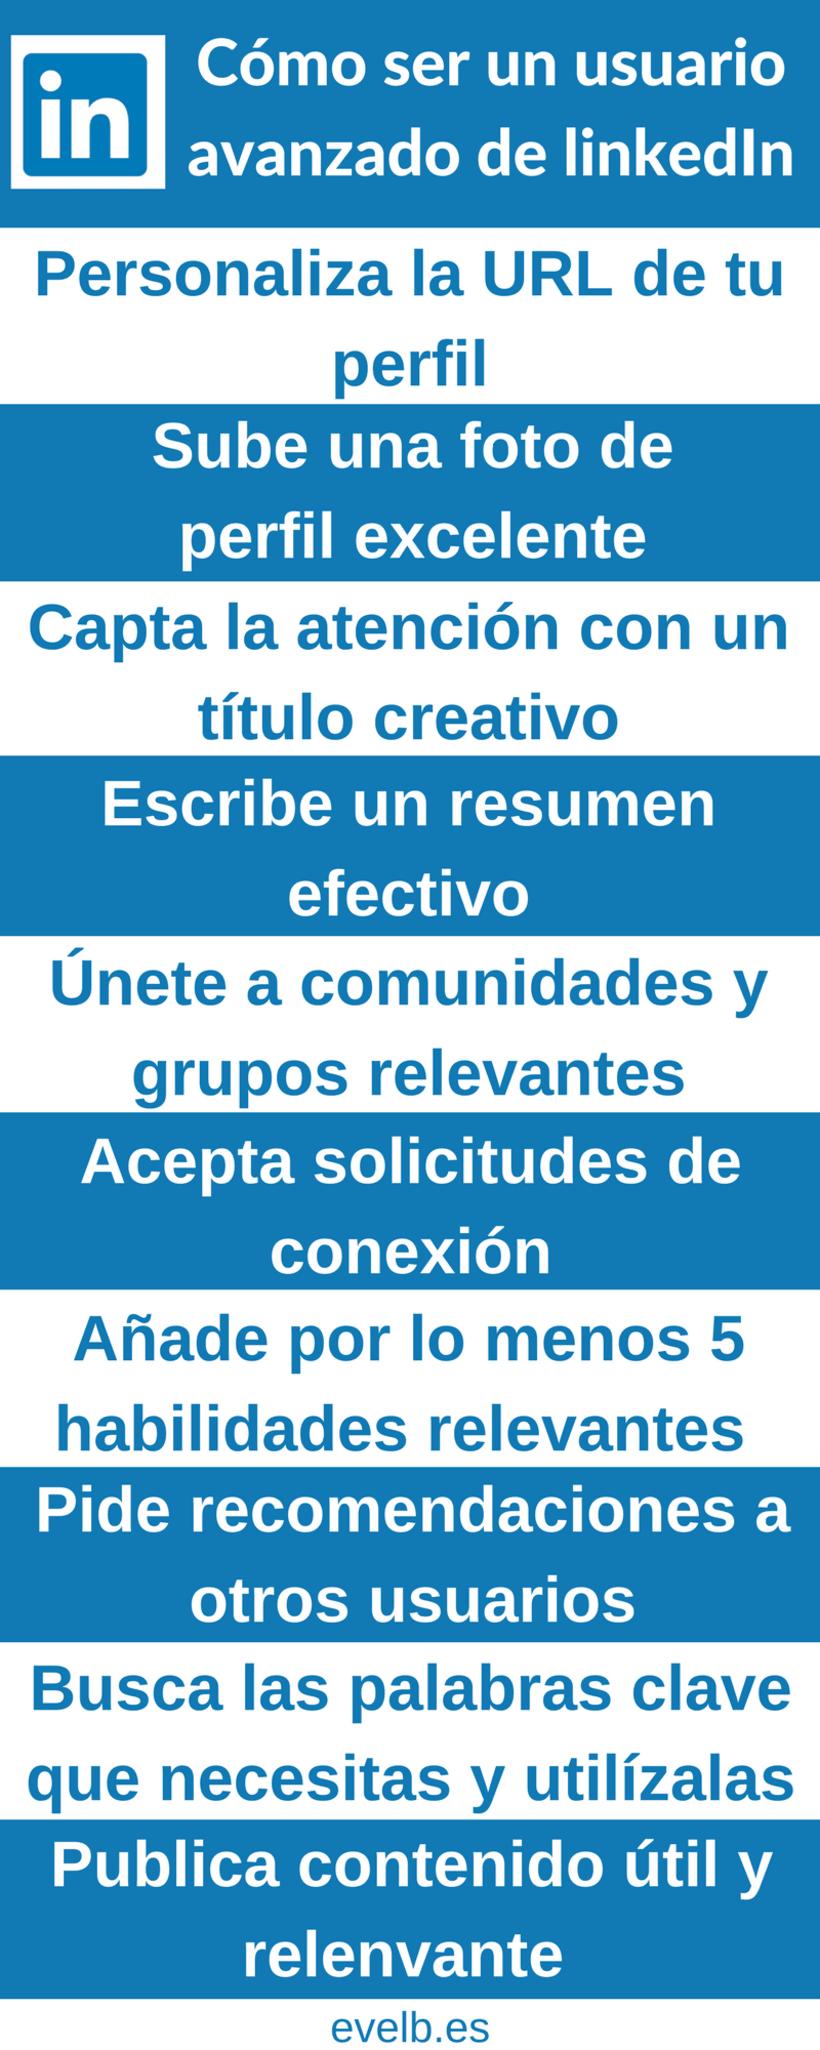 Infografías evelb.es 30